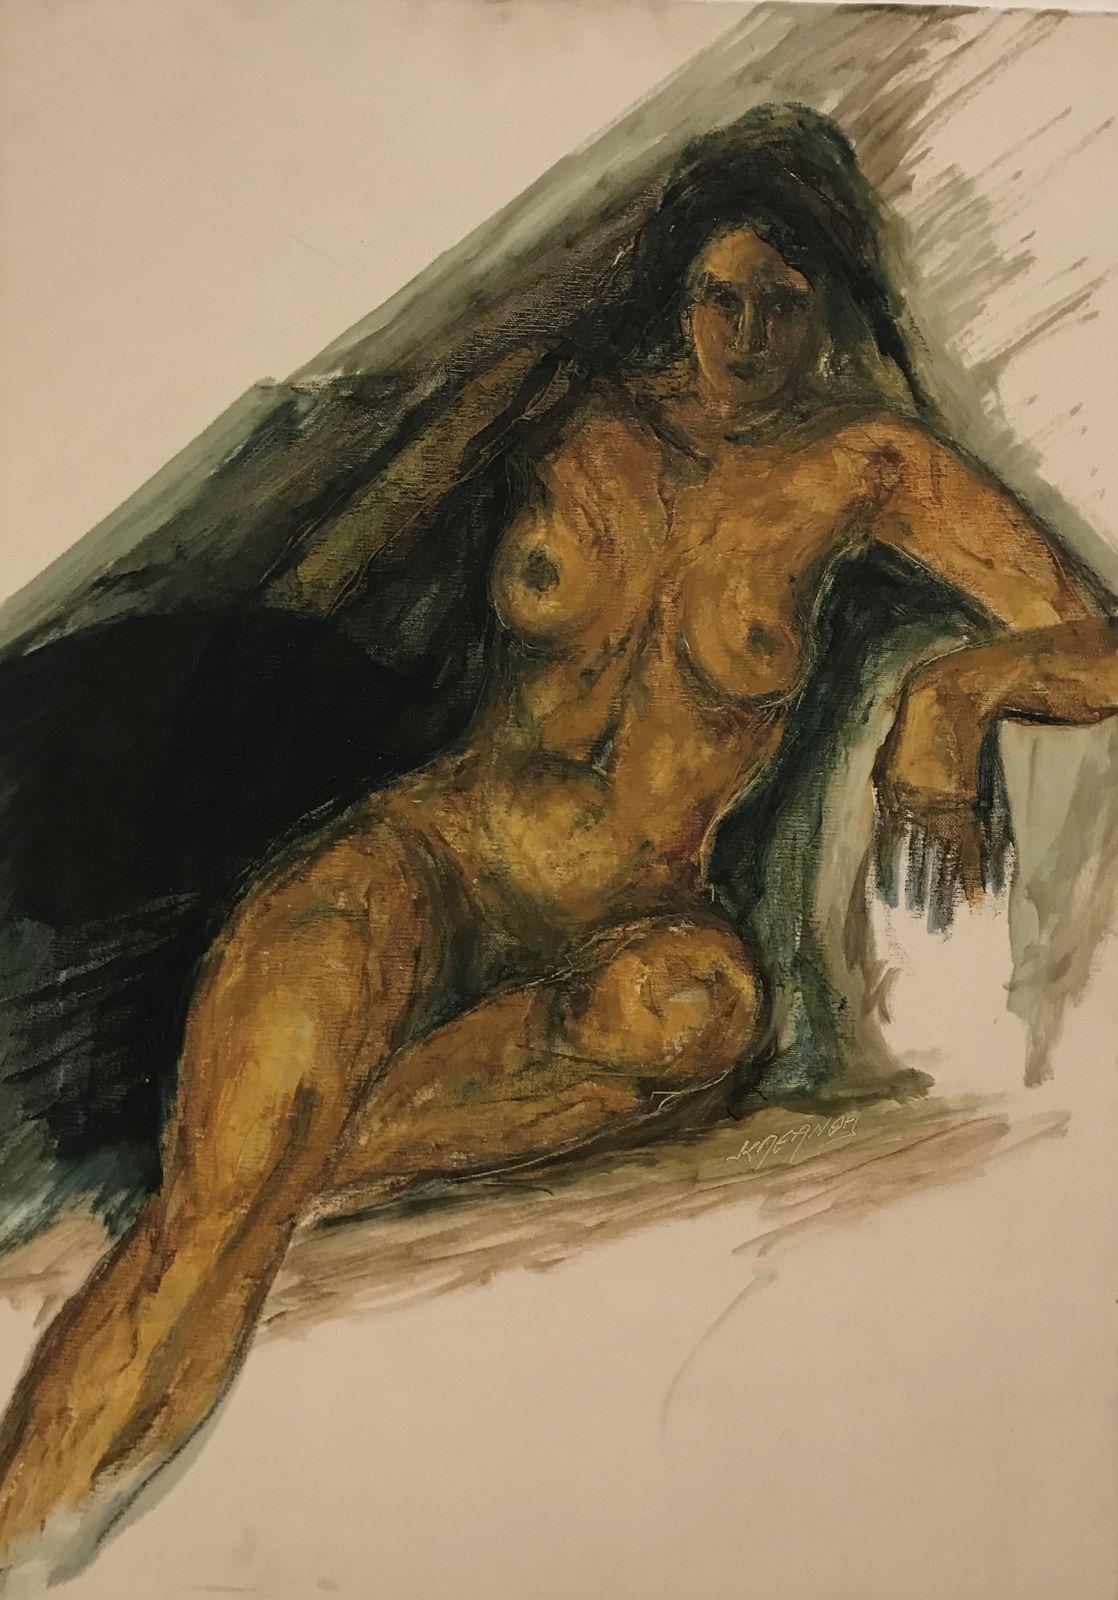 Κλεάνθη 50×70 εκ. Ακρυλικά σε καμβά Kleanthi 50×70 cm Acrylics on canvas